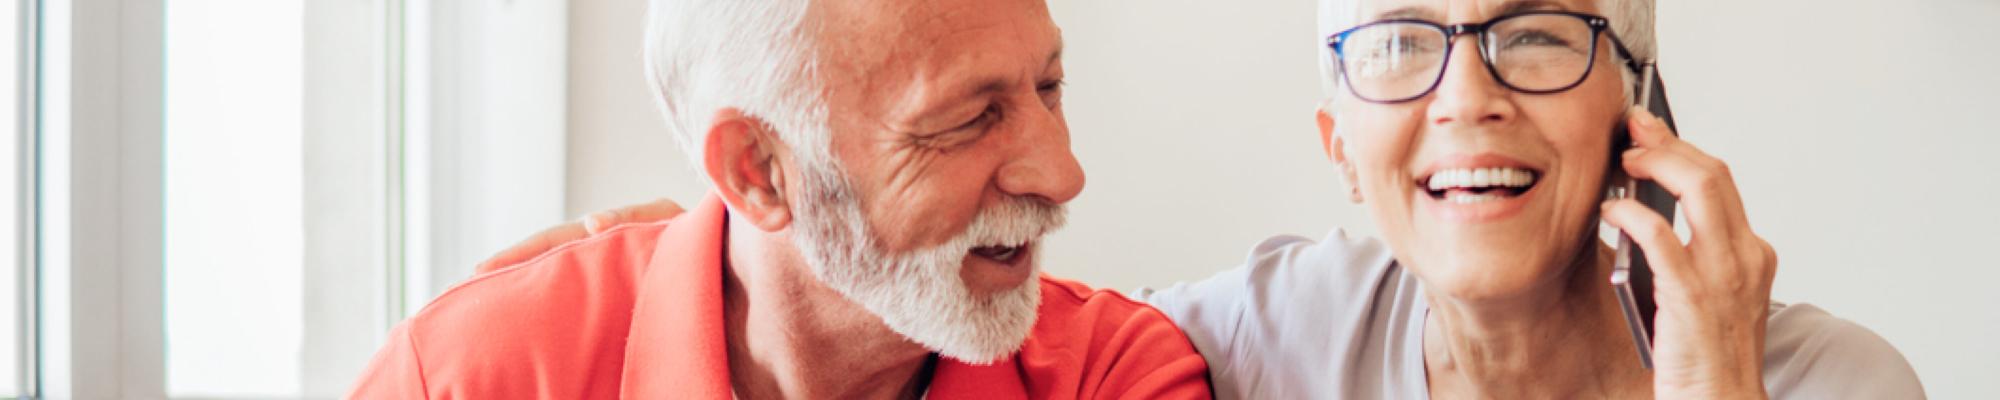 Ouder stel dat lachend belt